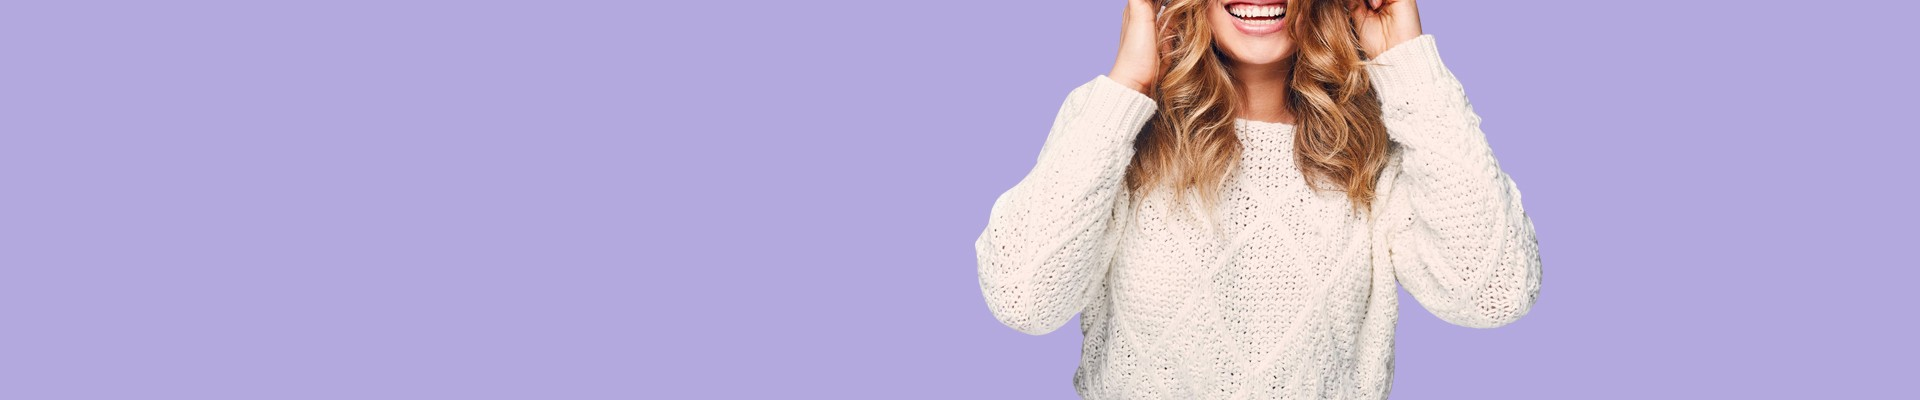 Jual Baju Sweater Wanita Online Terlengkap